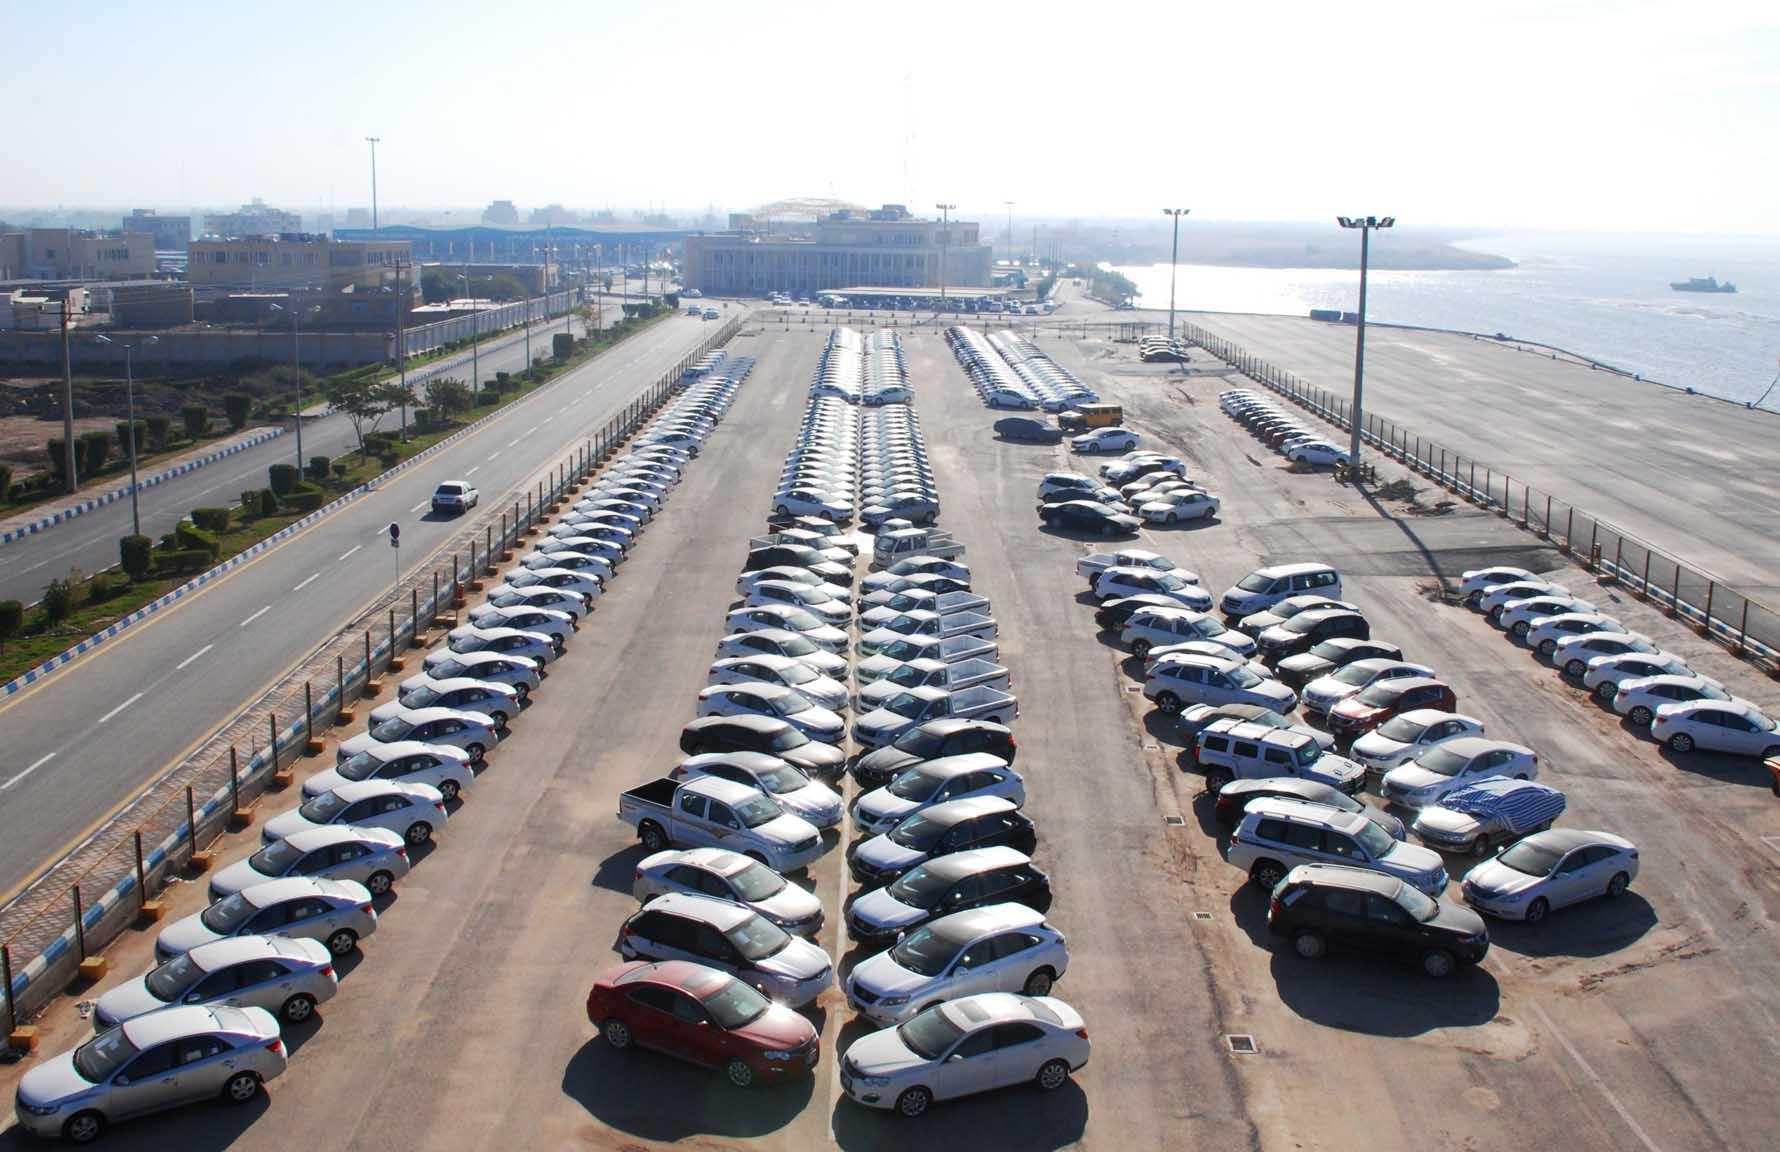 متوقف شدن 600 خودروی چینی در گمرک به دلیل نداشتن استاندارد